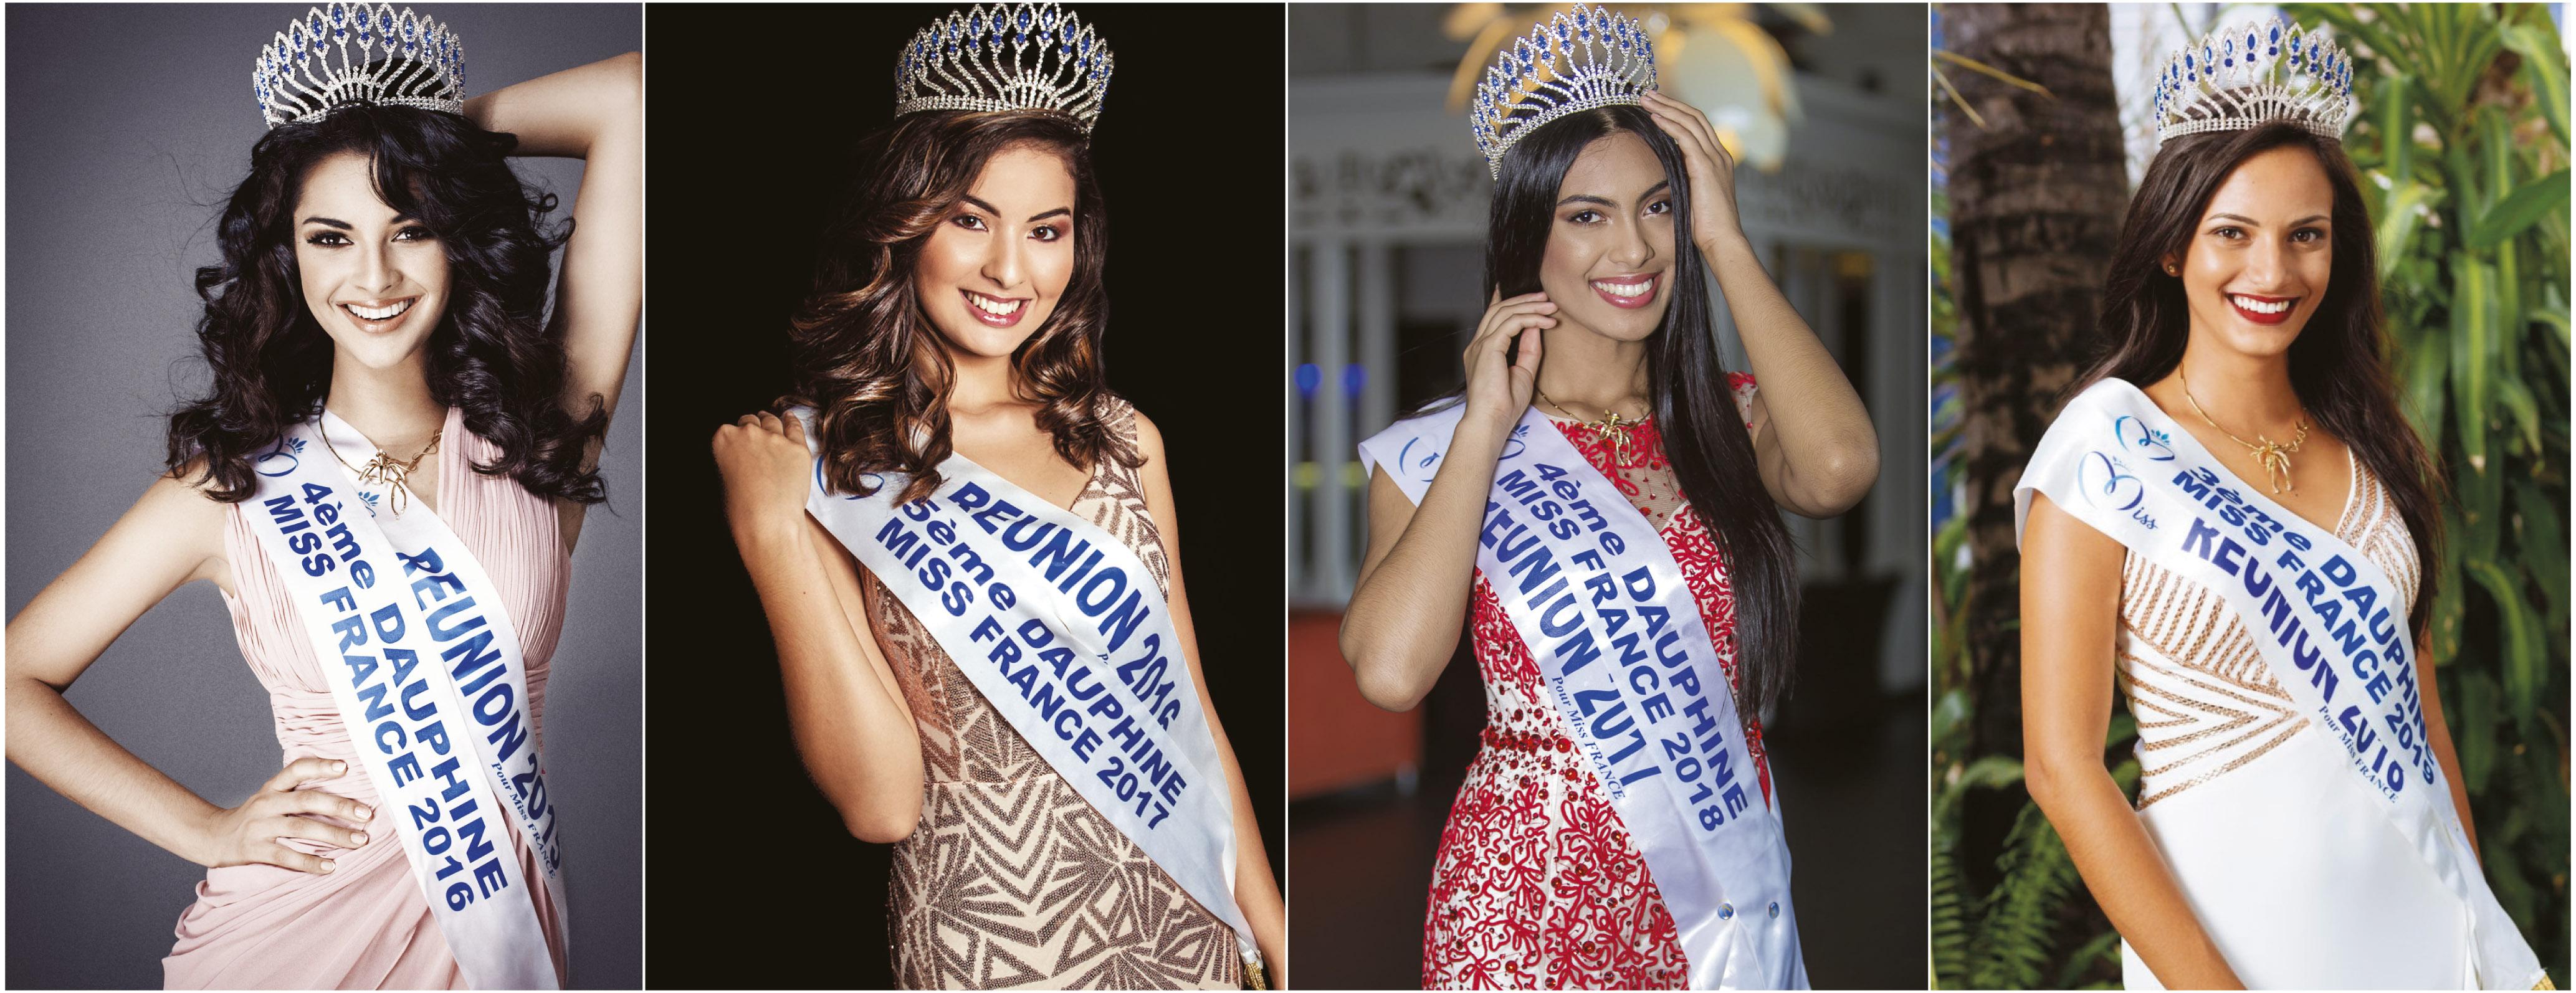 Miss Réunion: 4 dauphines Miss France en 4 ans!